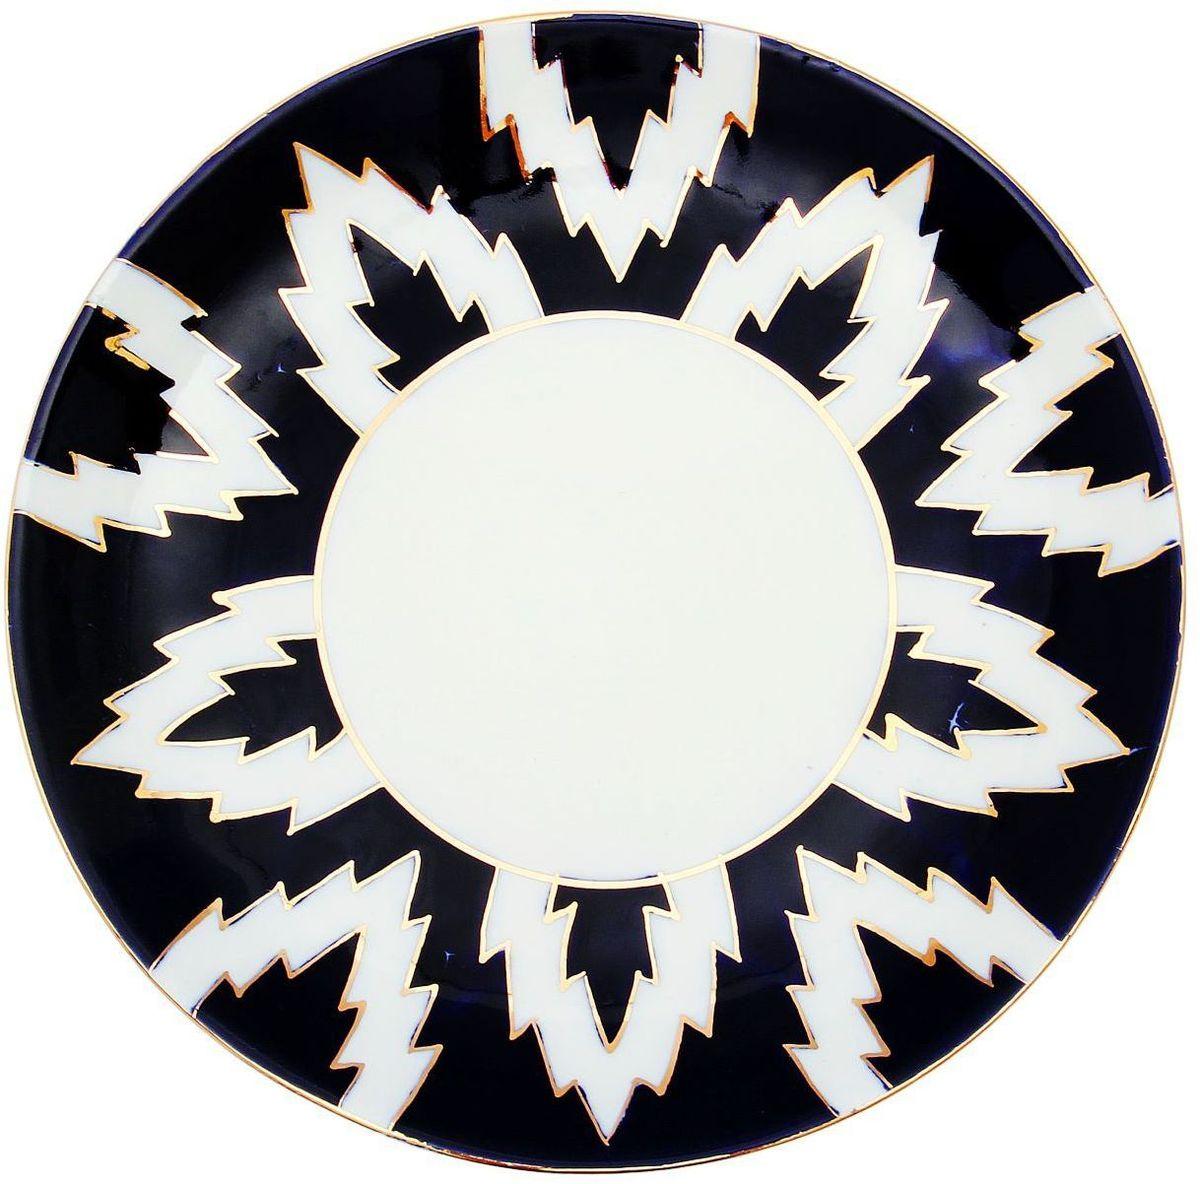 Тарелка Turon Porcelain Атлас, цвет: белый, синий, золотистый, диаметр 22,5 см1625406Тарелка Turon Porcelain Атлас, выполненная из качественного фарфора, подойдет для повседневной и праздничной сервировки. Дополните стол текстилем и салфетками в тон, чтобы получить элегантное убранство с яркими акцентами. Национальная узбекская роспись Атлас имеет симметричный геометрический рисунок. Узоры, похожие на листья, выводятся тонкой кистью, фон заливается темно-синим кобальтом. Синий краситель при обжиге слегка растекается и придает контуру изображений голубой оттенок. Густая глазурь наносится толстым слоем, благодаря чему рисунок мерцает. Узбекская посуда известна всему миру уже более тысячи лет. Ей любовались царские особы, на ней подавали еду для шейхов и знатных персон. Формулы красок и глазури передаются из поколения в поколение. По сей день качественные расписные изделия продолжают восхищать совершенством и завораживающей красотой.